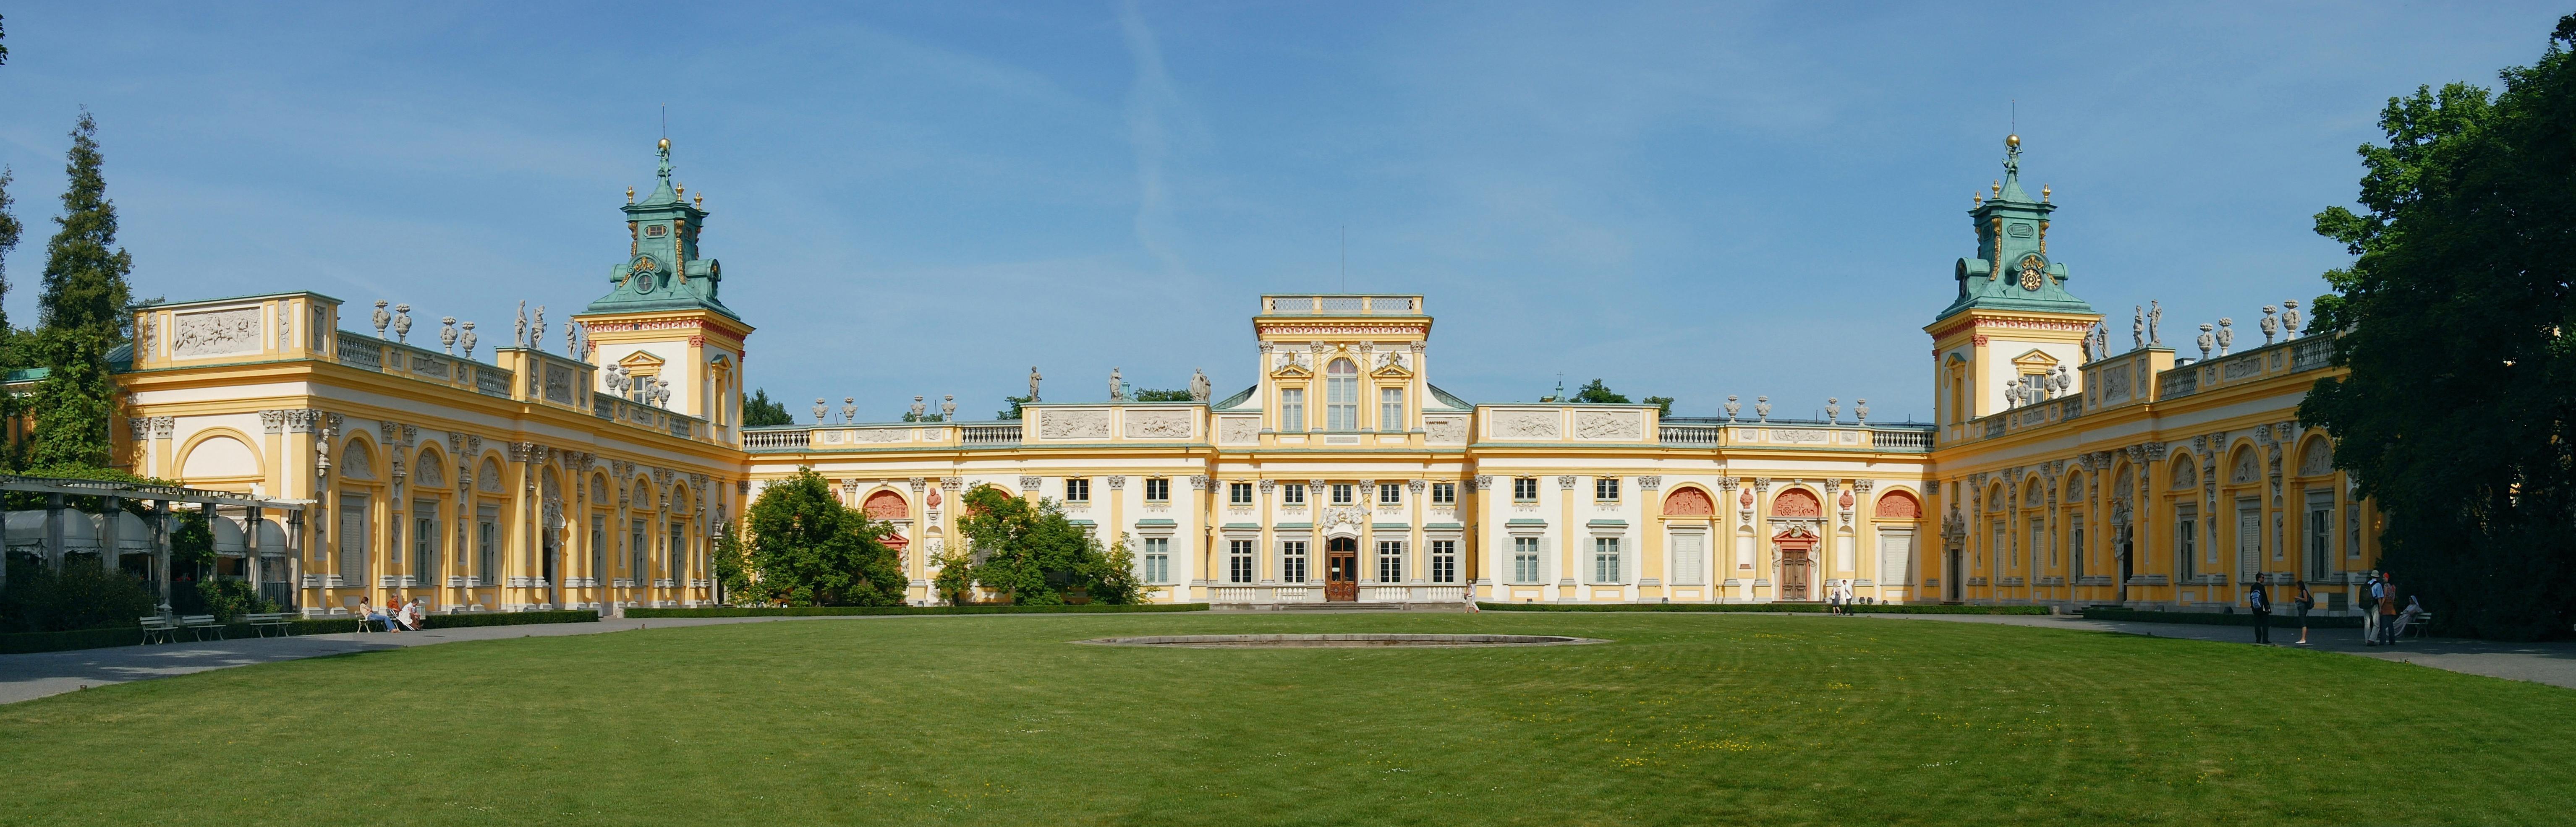 Pałac w Wilanowie – elewacja zachodnia